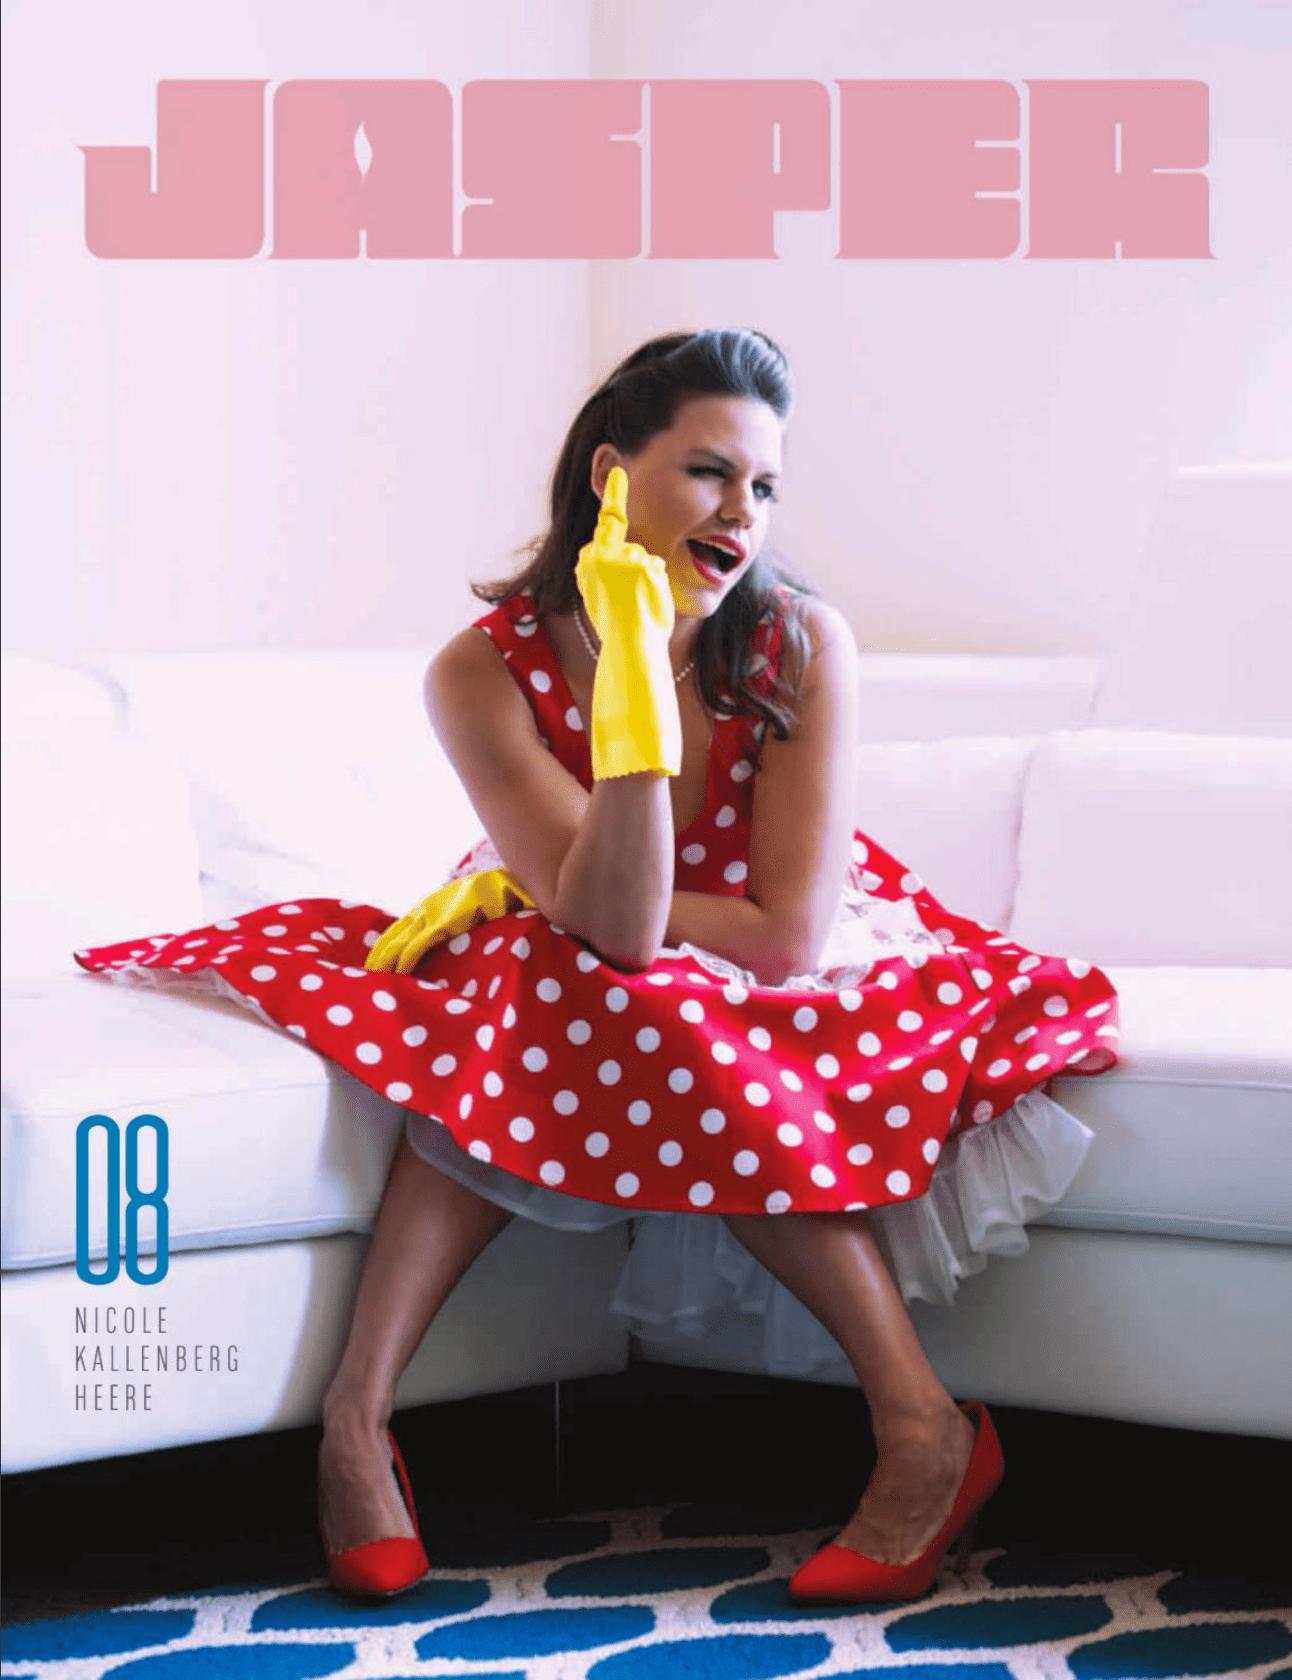 Jasper Magazine September 2016